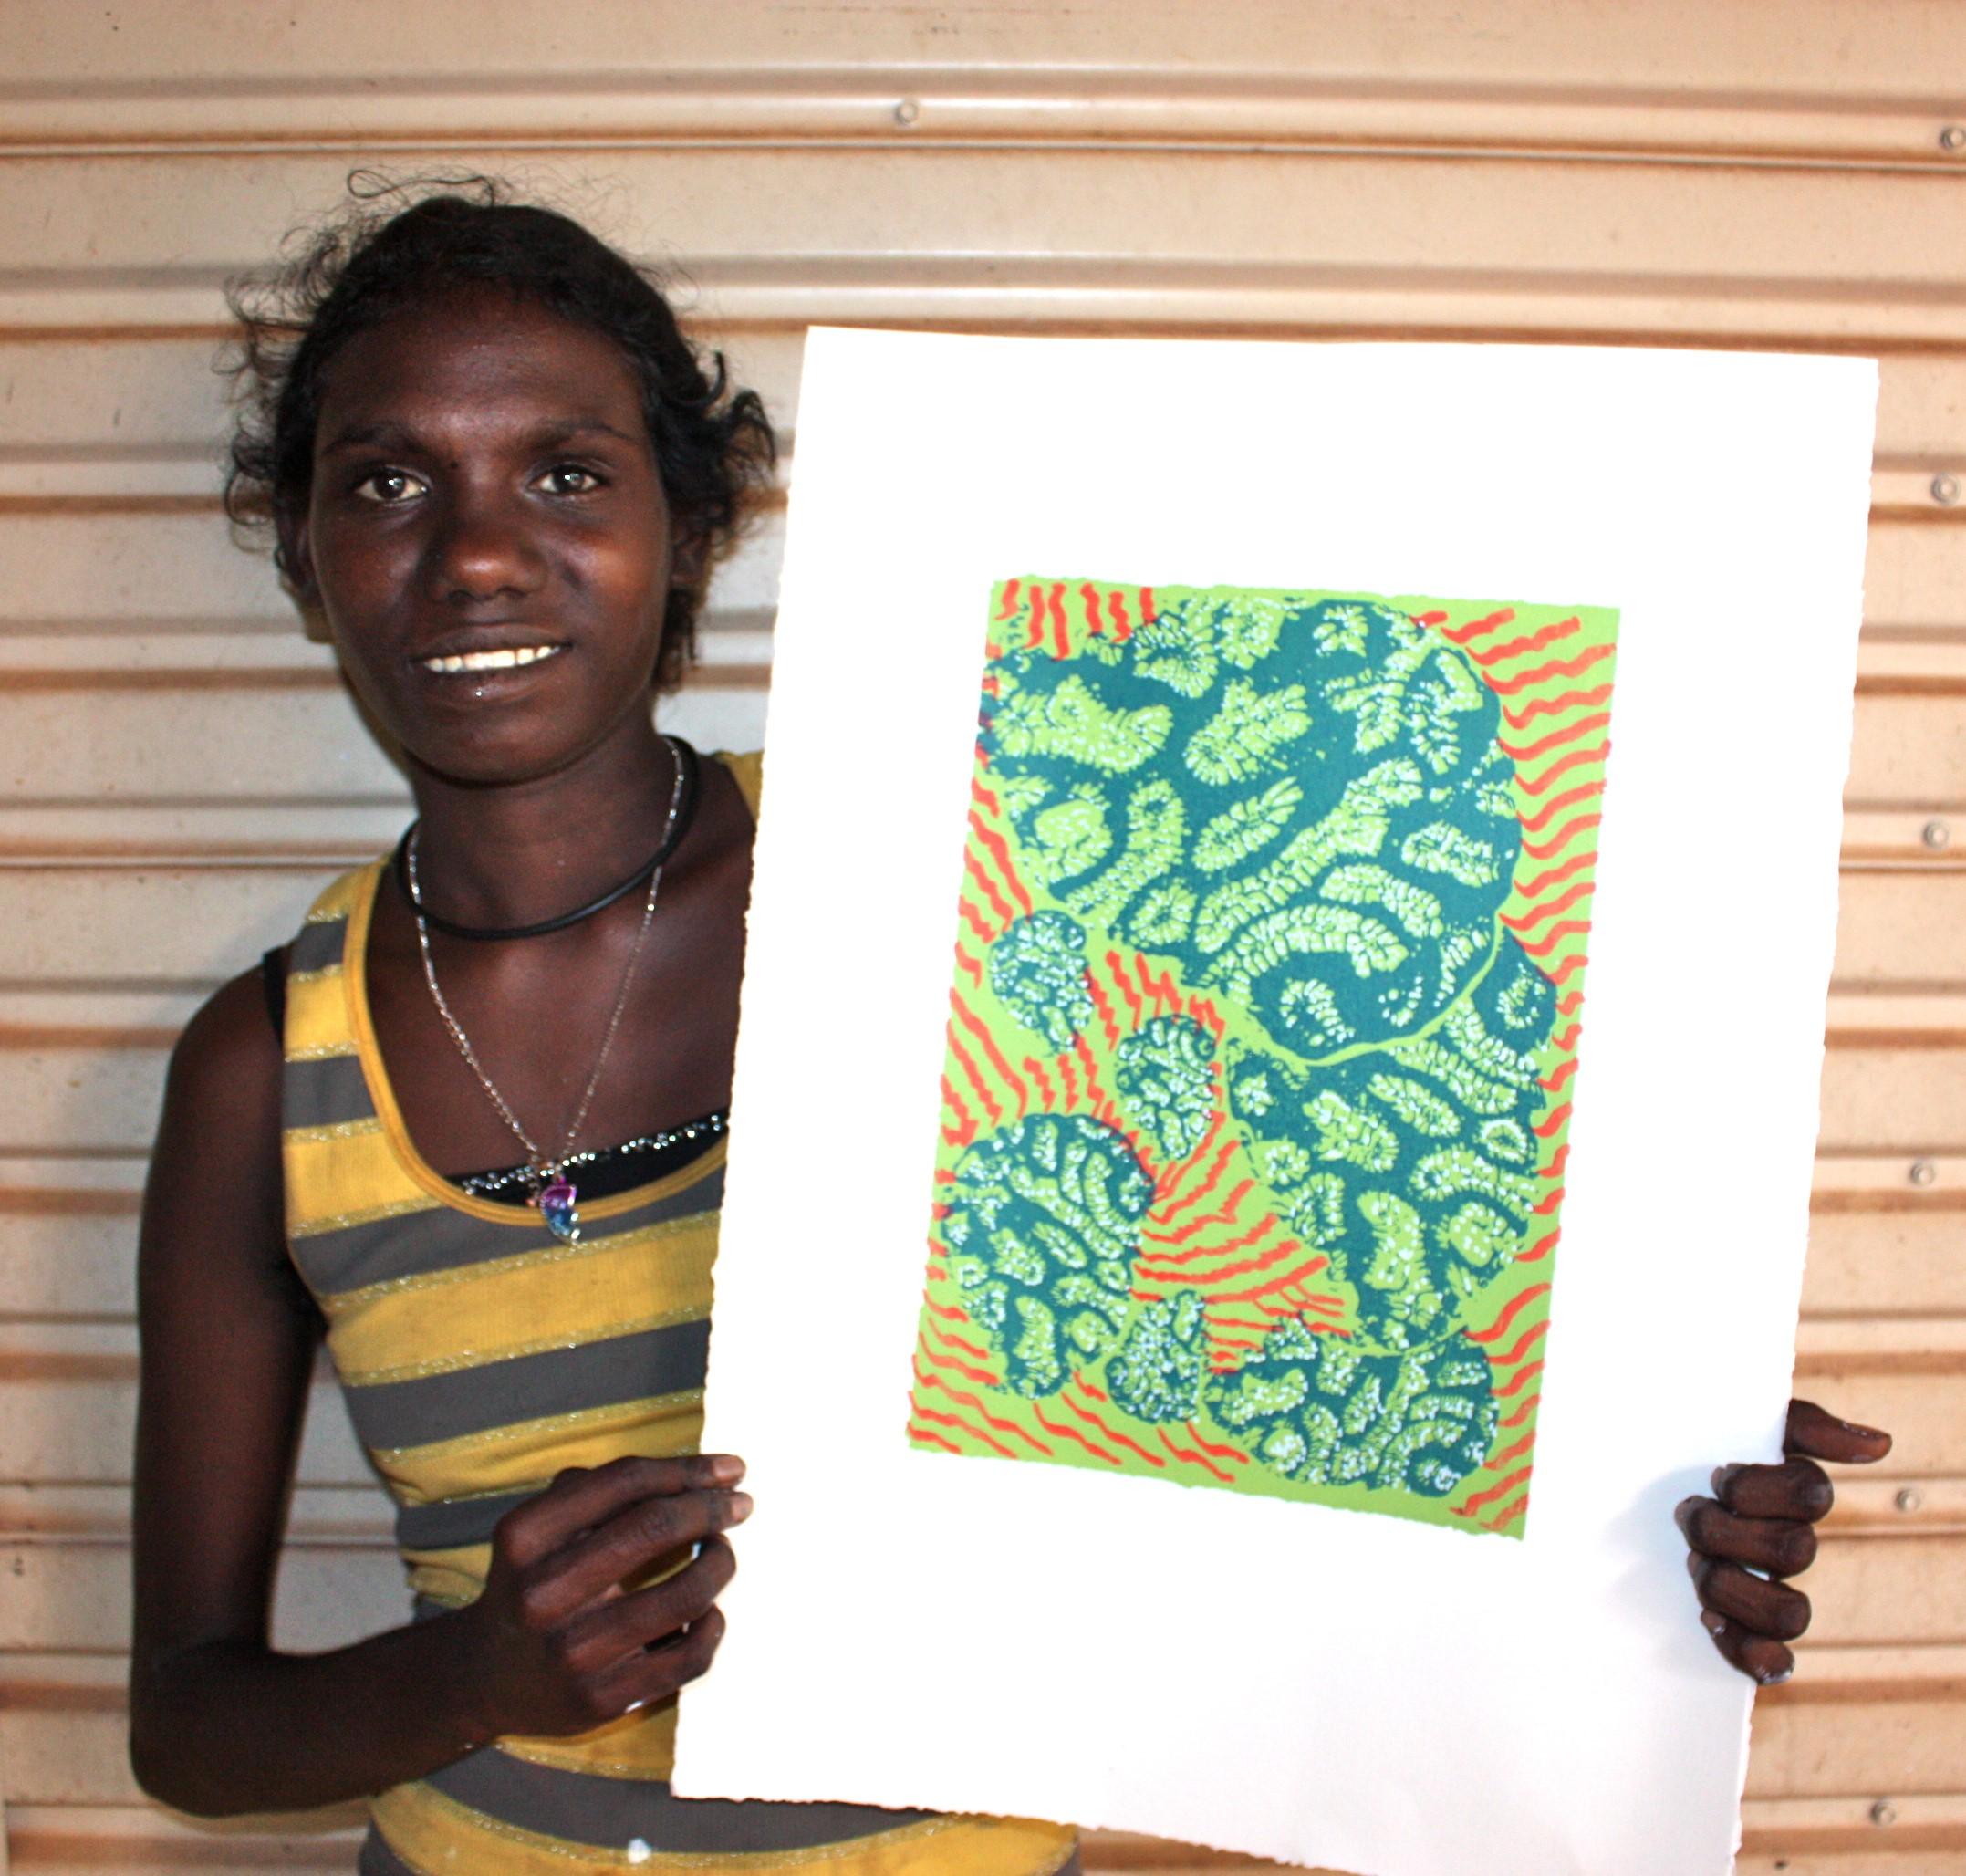 Dhalmula #2 Burarrwa+ïa (Faye) with her screenprint